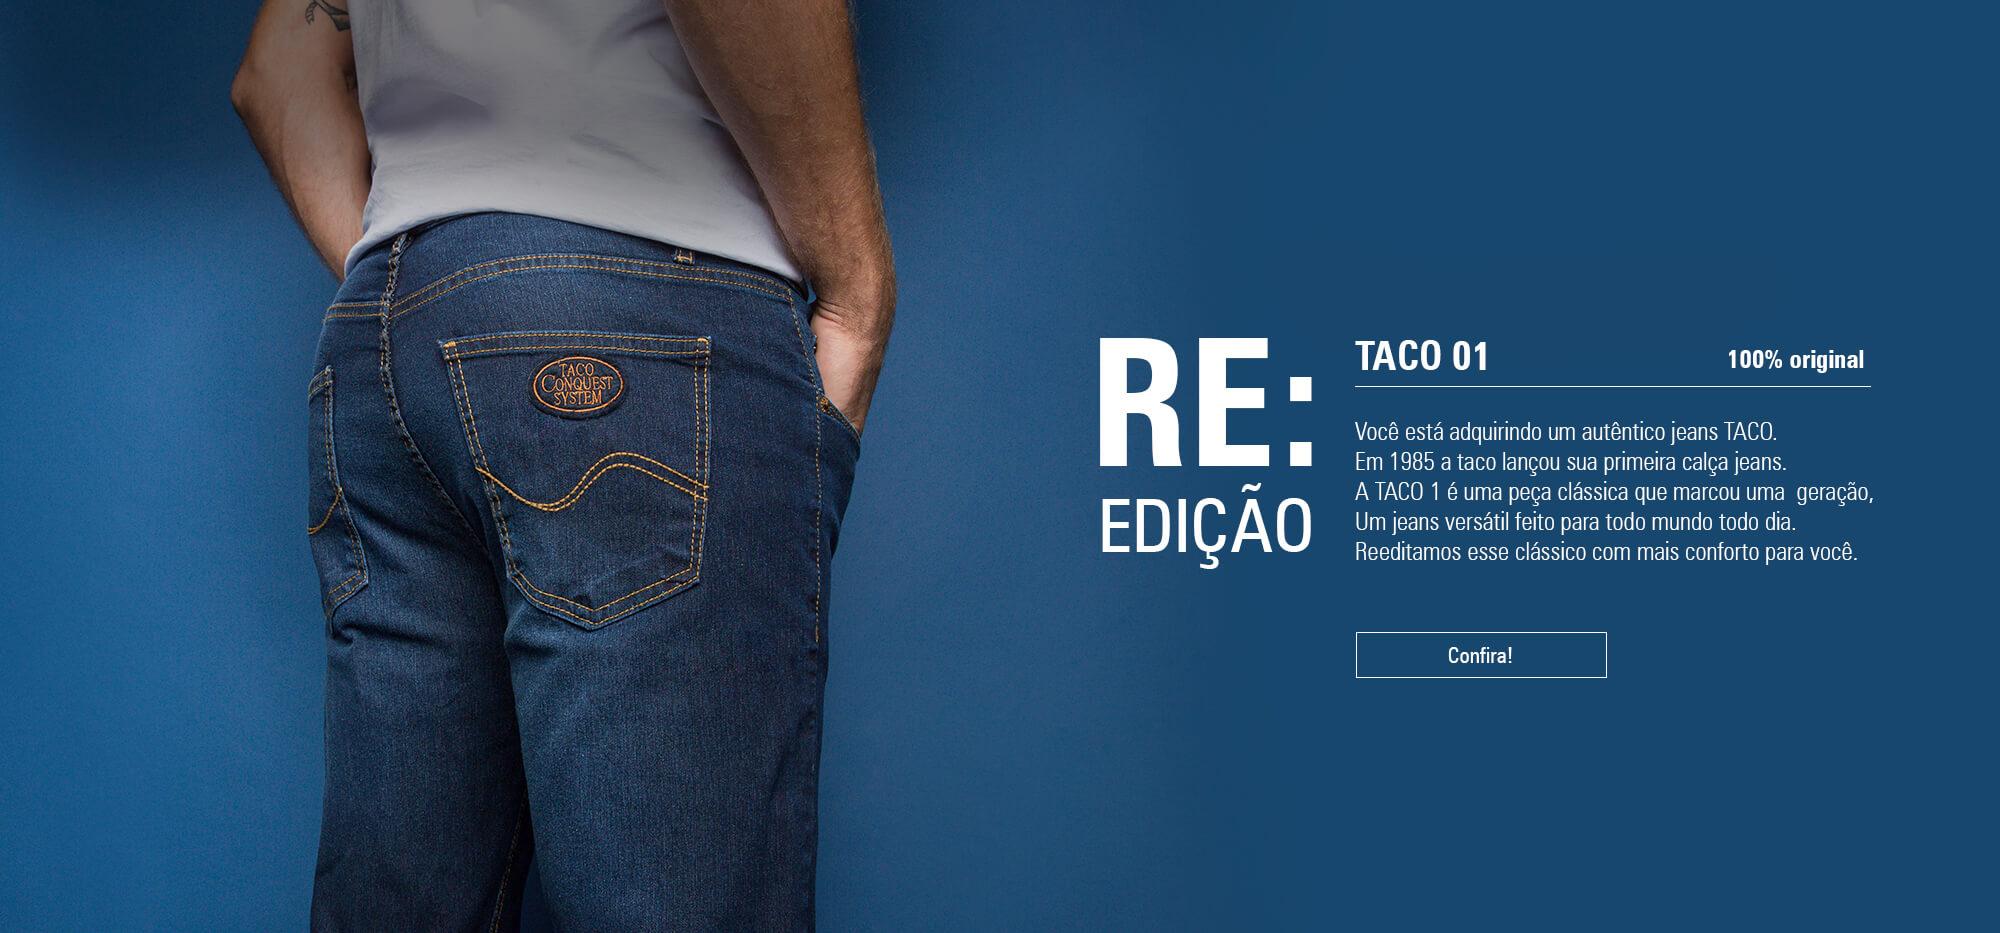 TACO 01 - CLARO